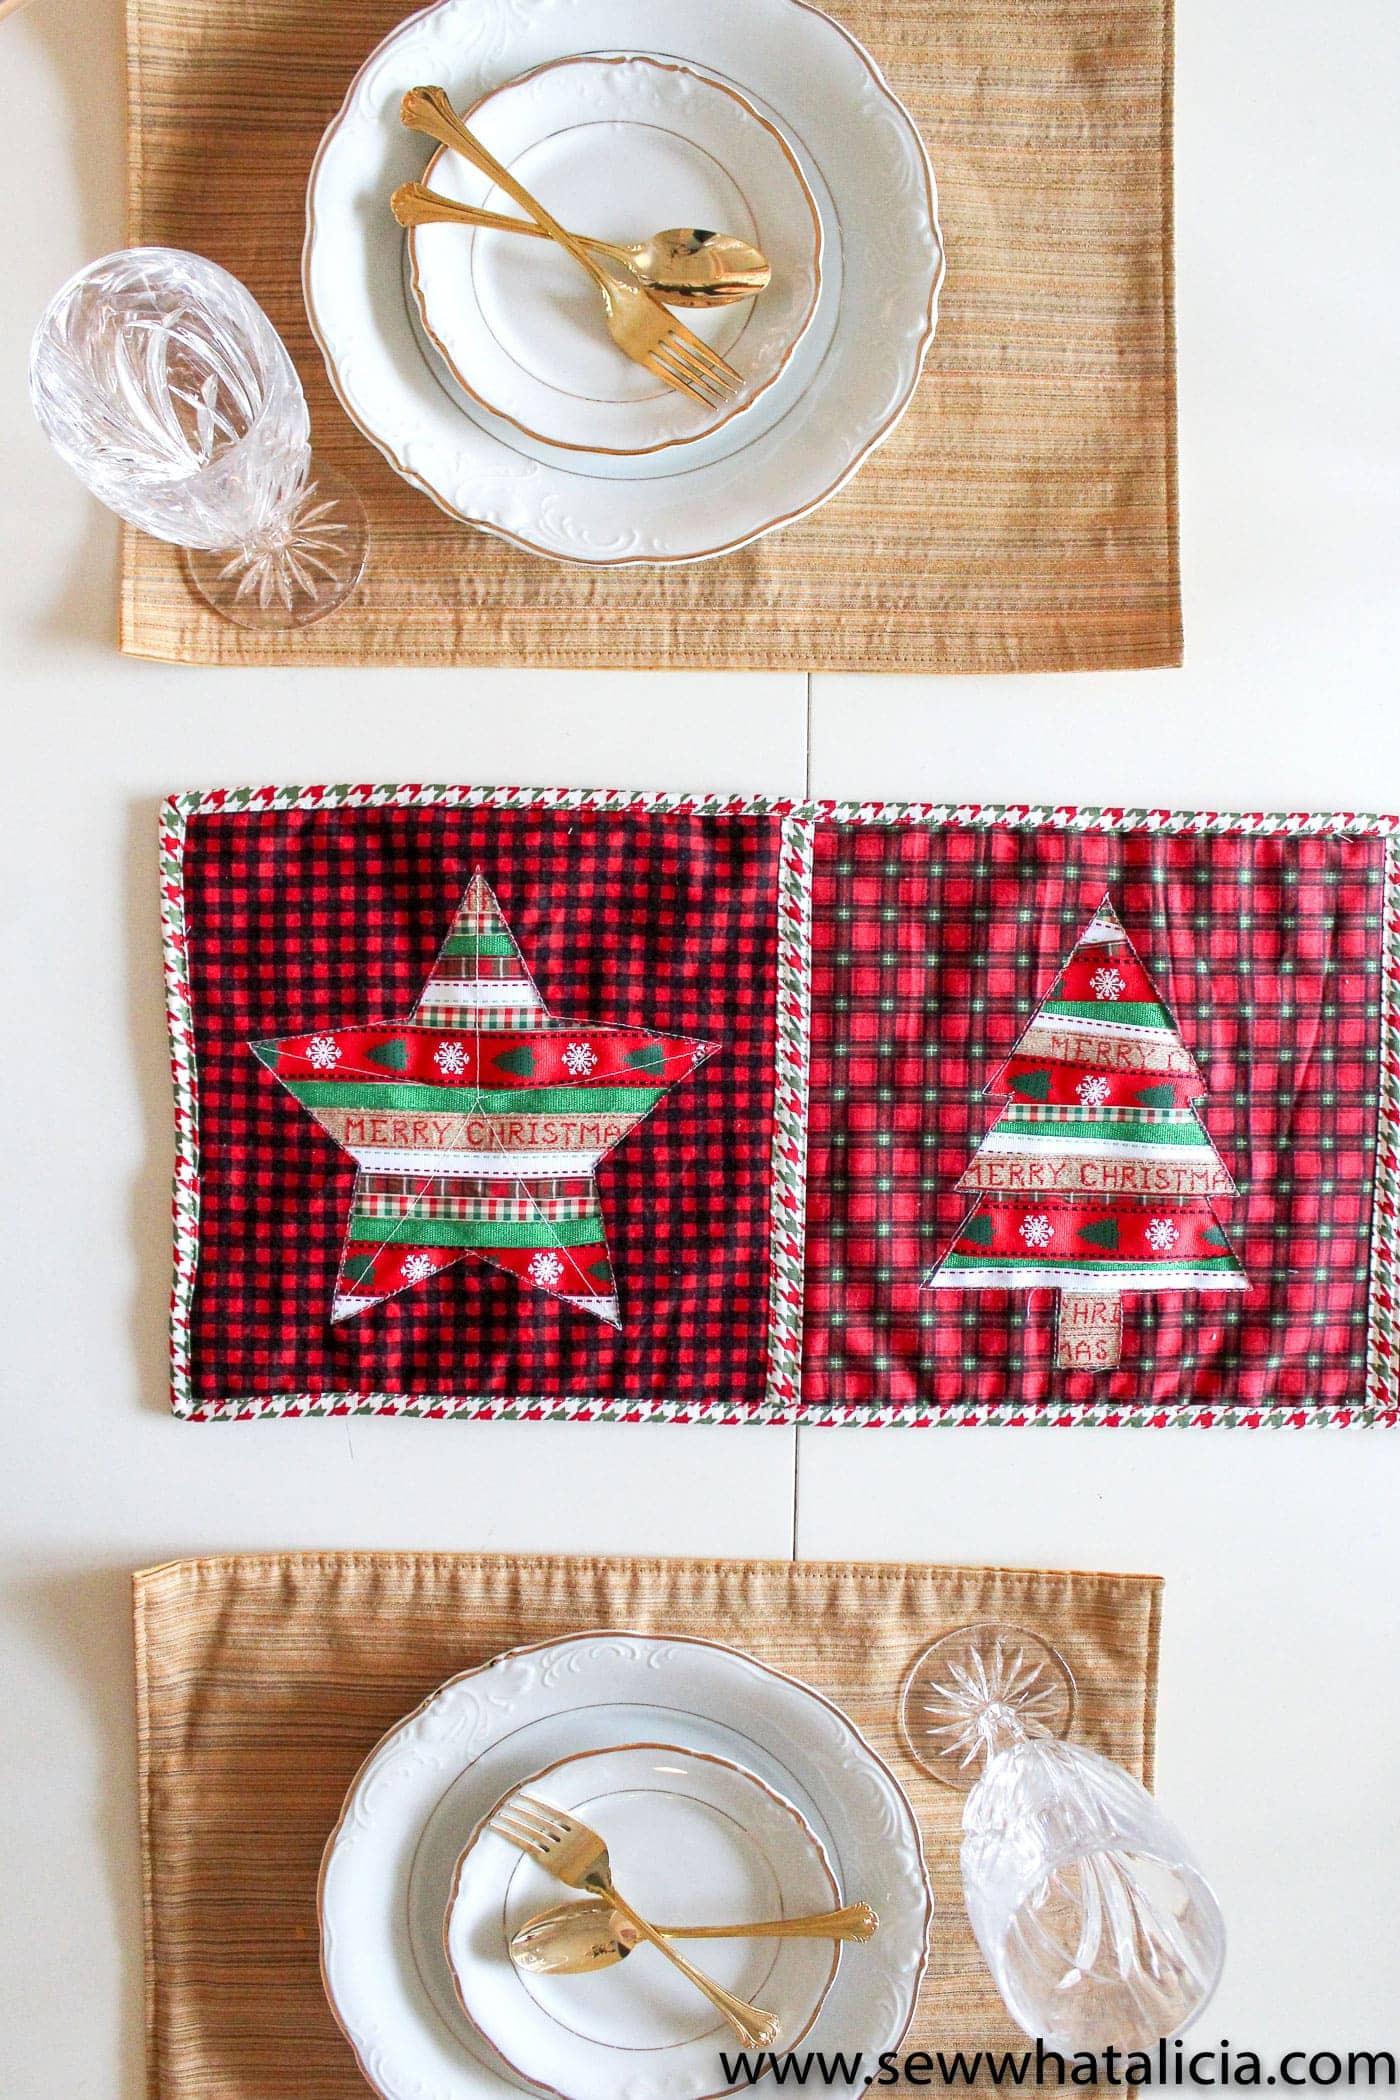 Christmas Table Runner Pattern Free.Reverse Applique Christmas Table Runner Tutorial The Polka